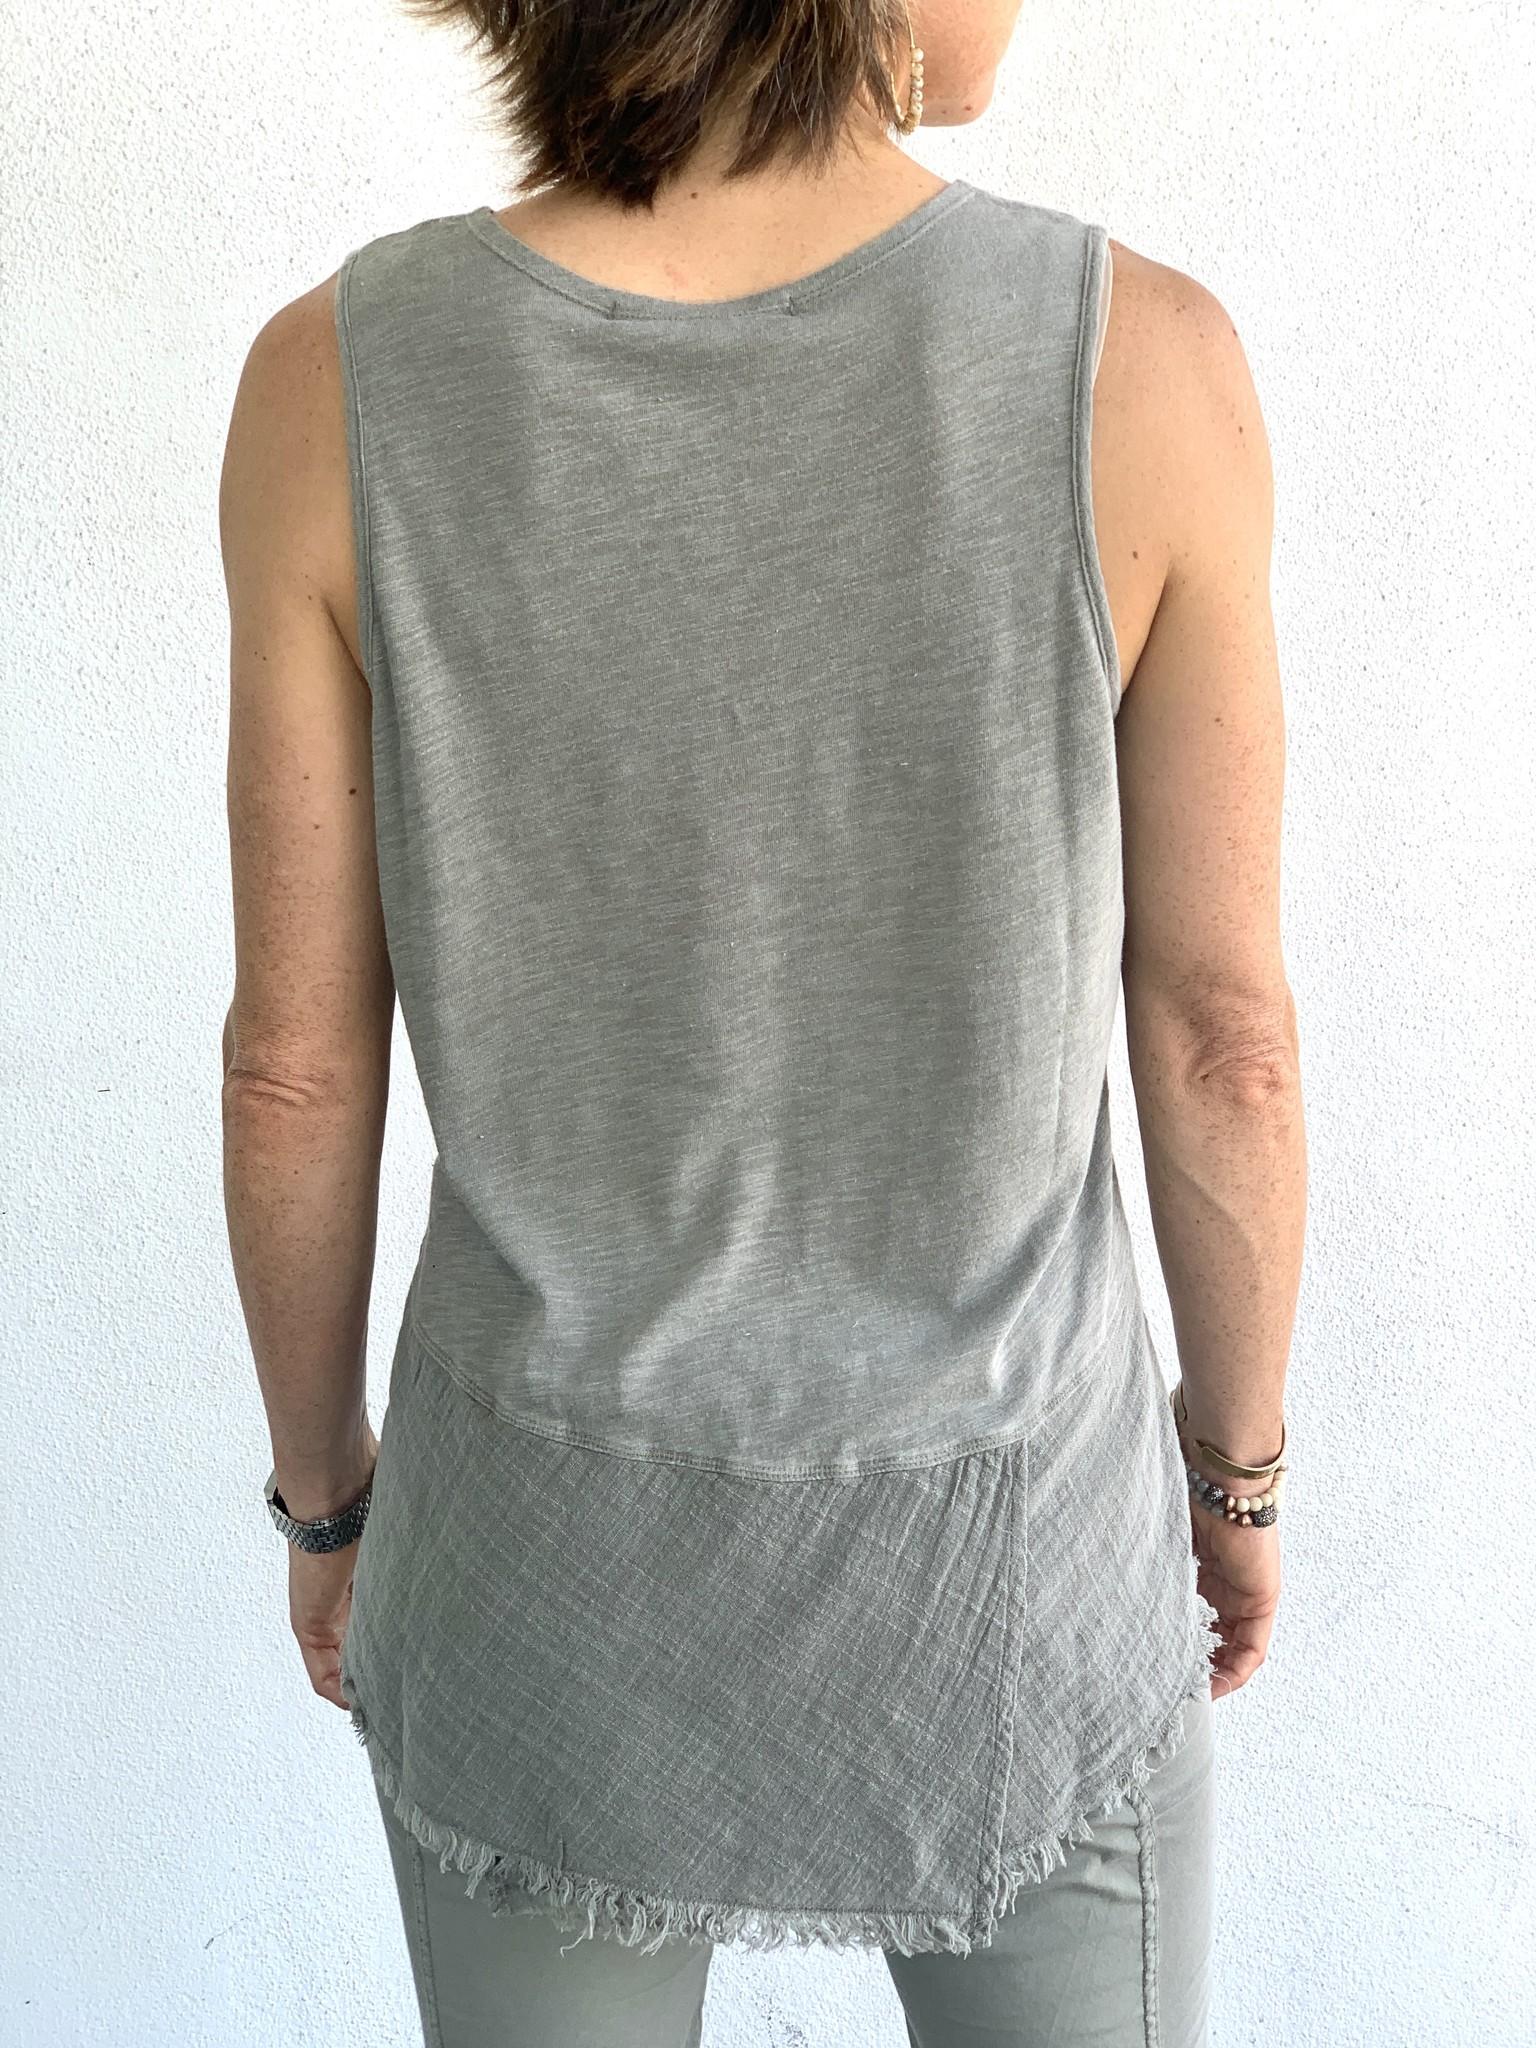 Wearables Nerys Tank